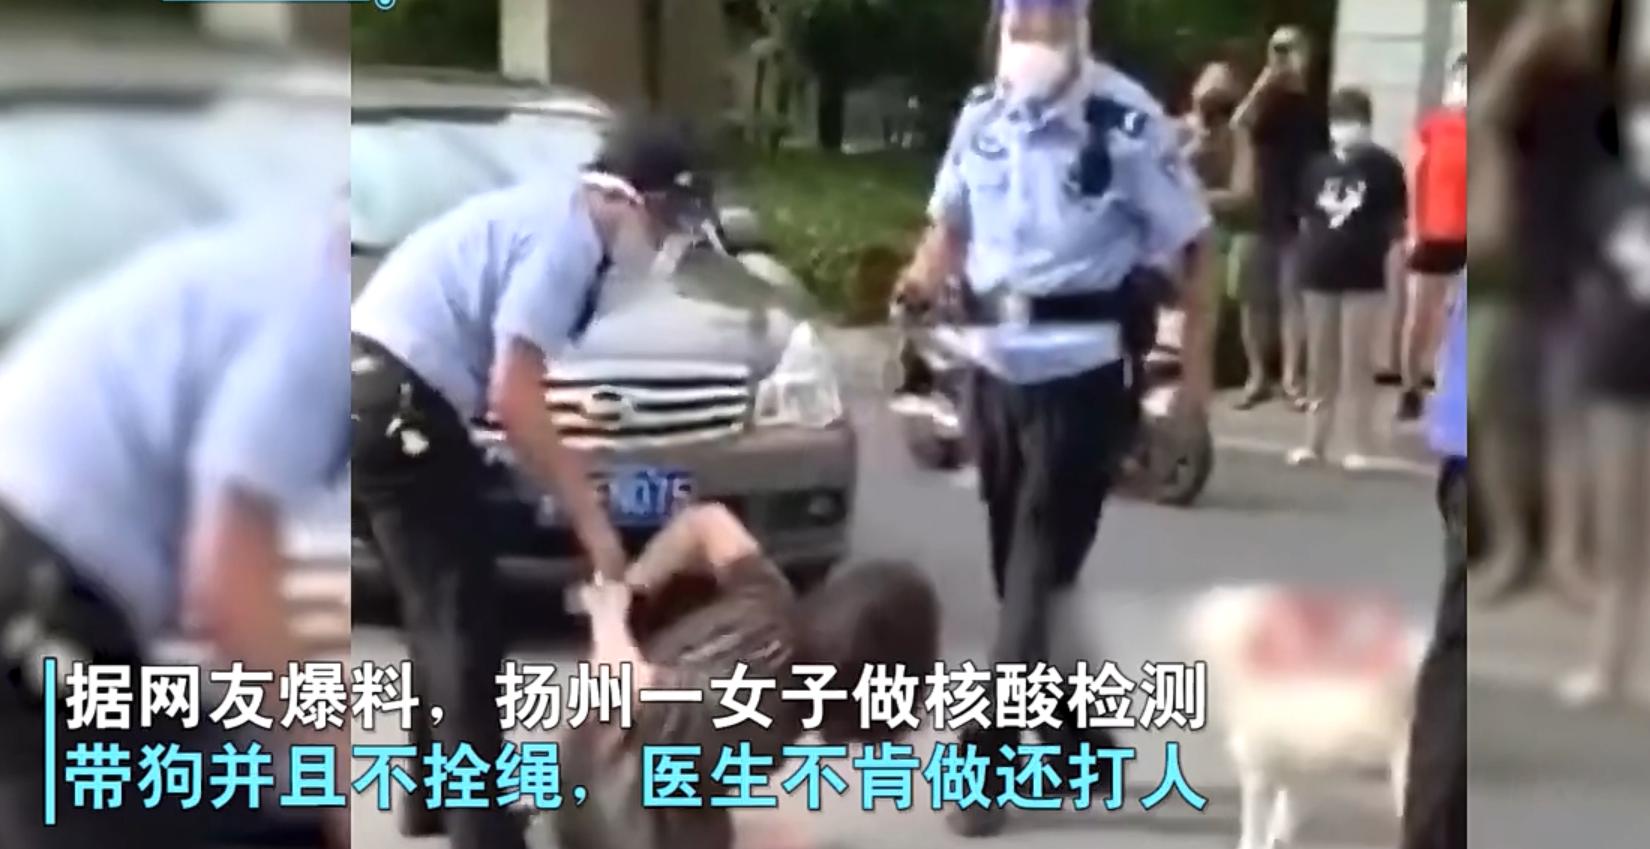 扬州一女子带狗测核酸不牵绳,辱骂殴打防疫人员且袭警,被警方带走仍激烈反抗